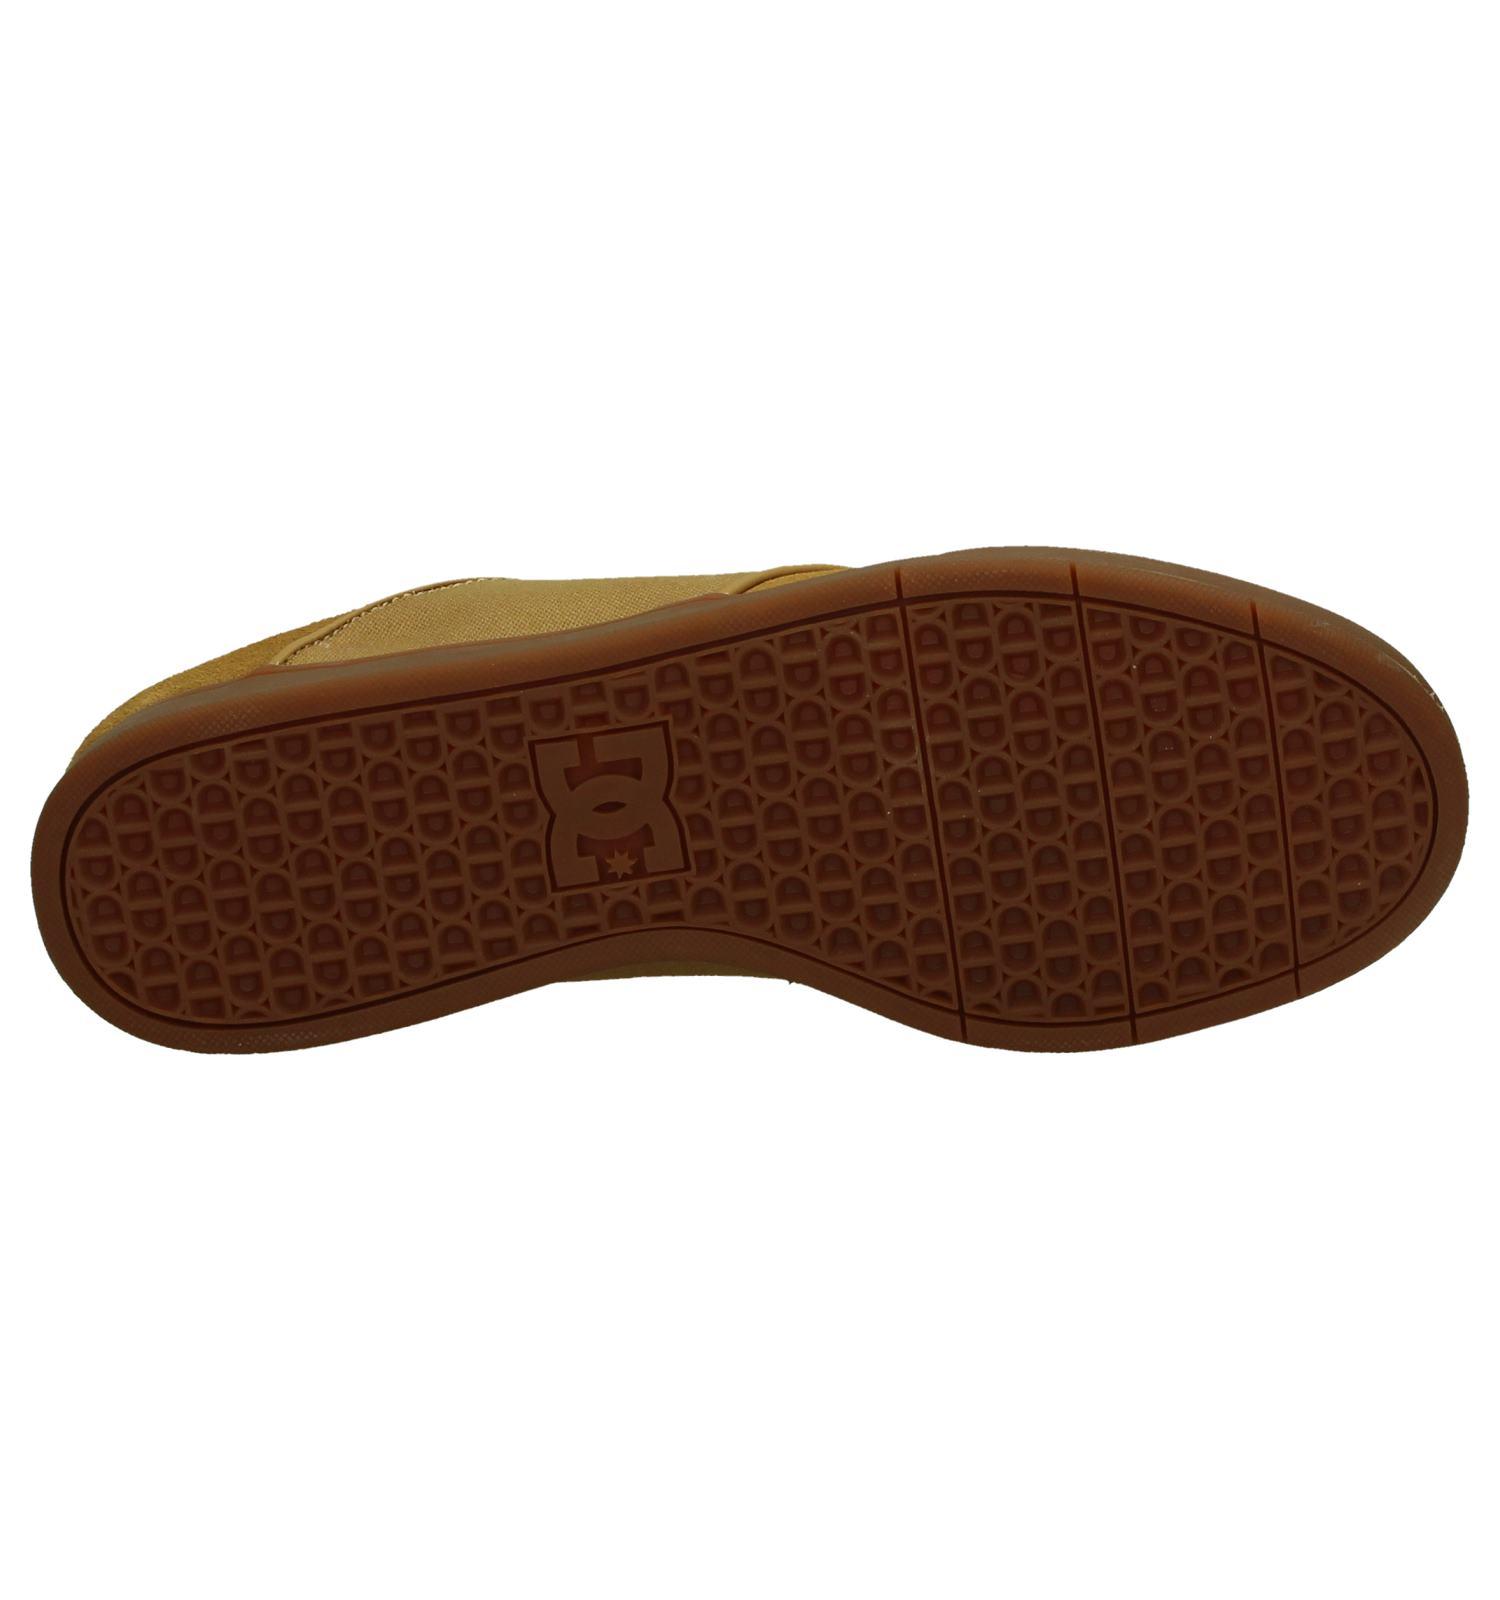 Mikey Dc Taylor Shoes Sneaker Cognac L34jAR5q